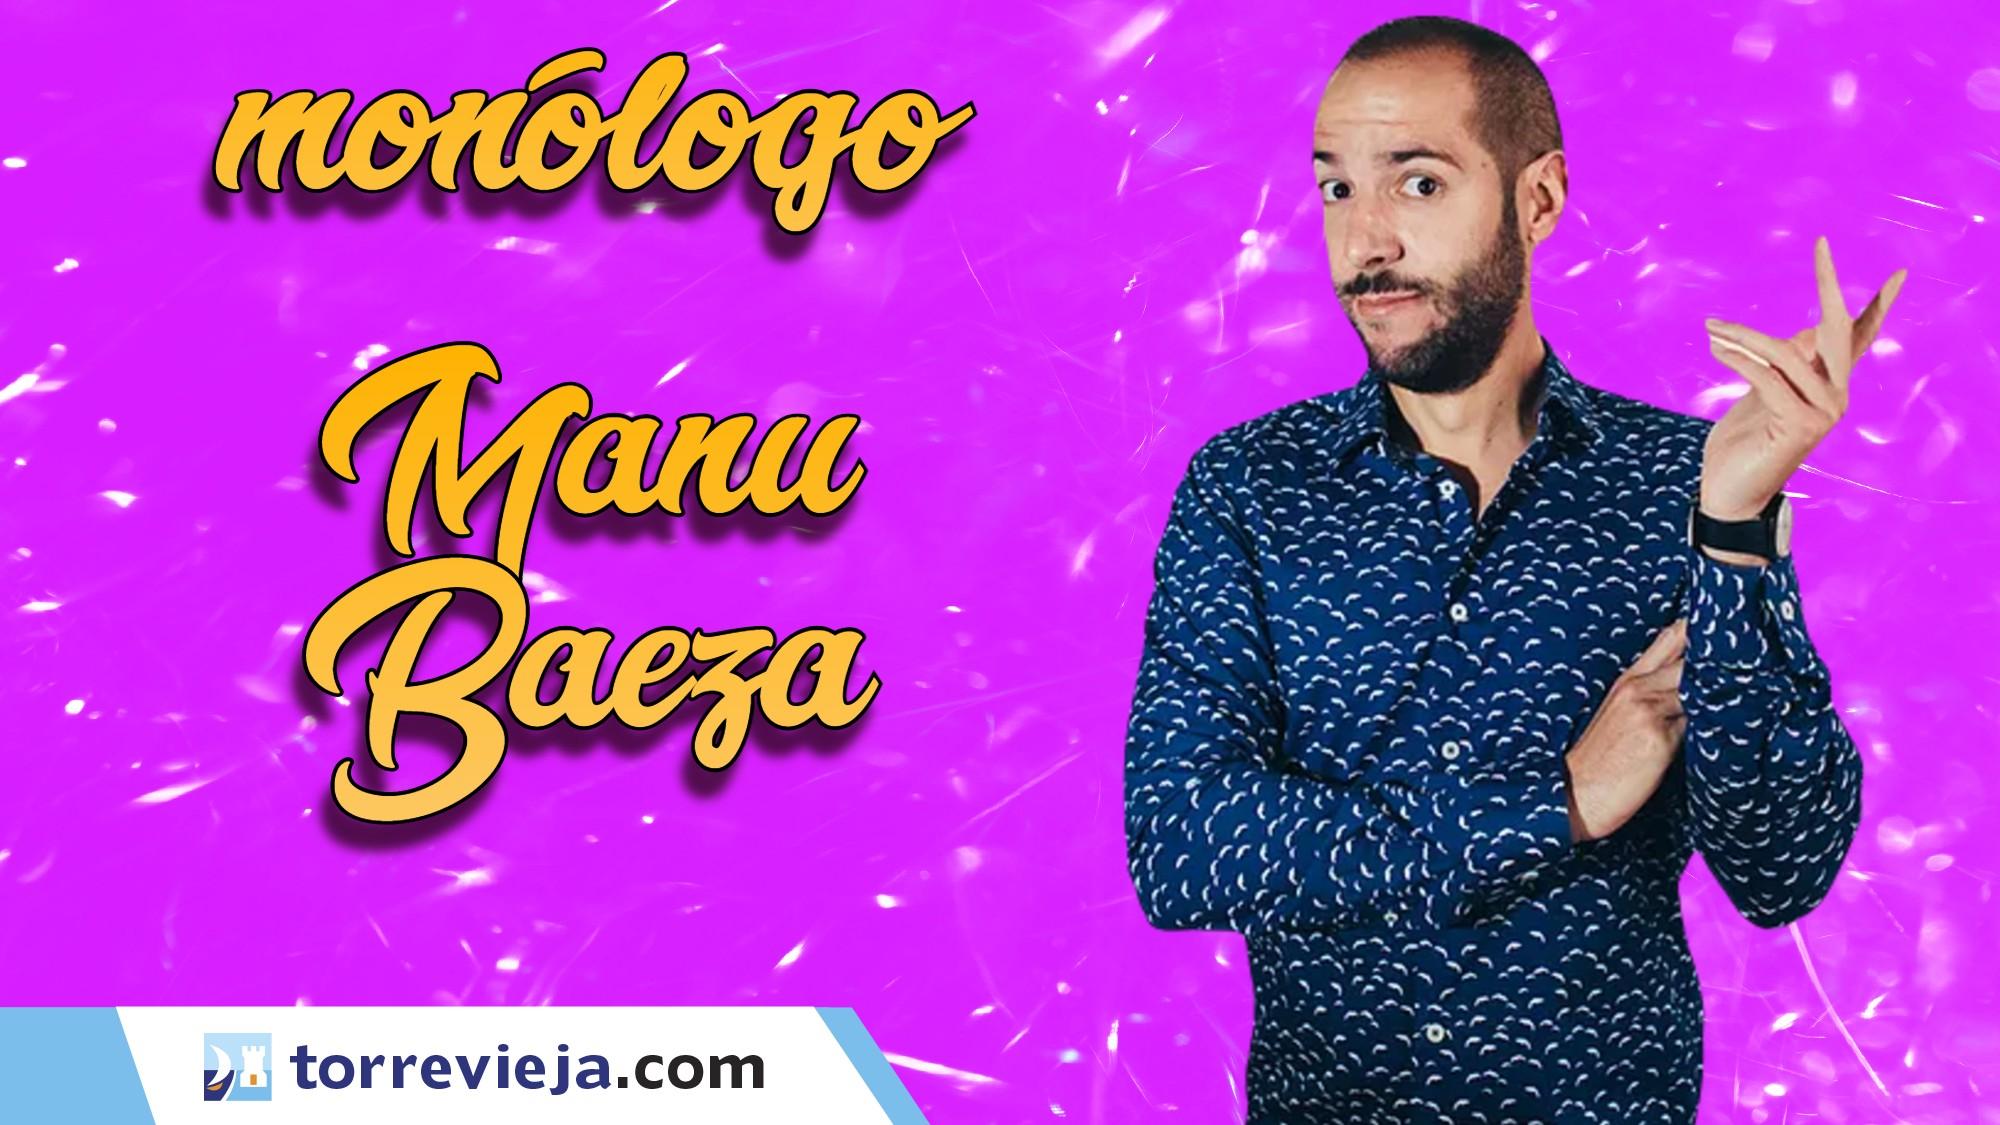 Manu-Baeza-monologo-Torreviejacom-restaurante-insaciable